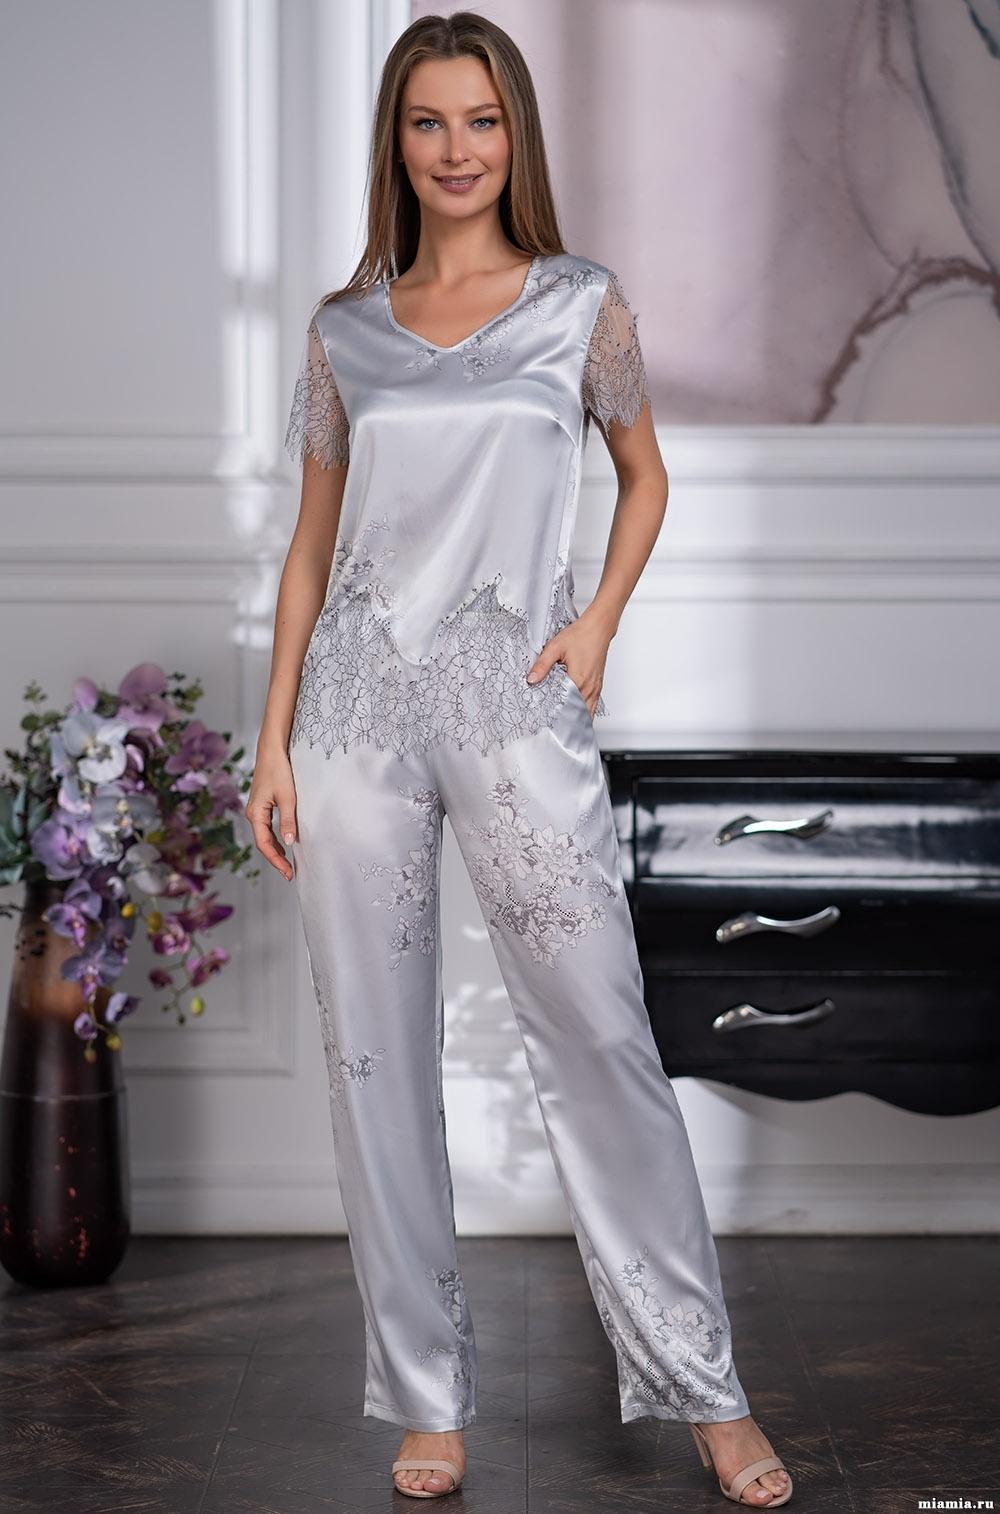 шелк натуральный Шелковый брючный комплект Mia-Amore KELLY КЕЛЛИ 3576 3576.jpg